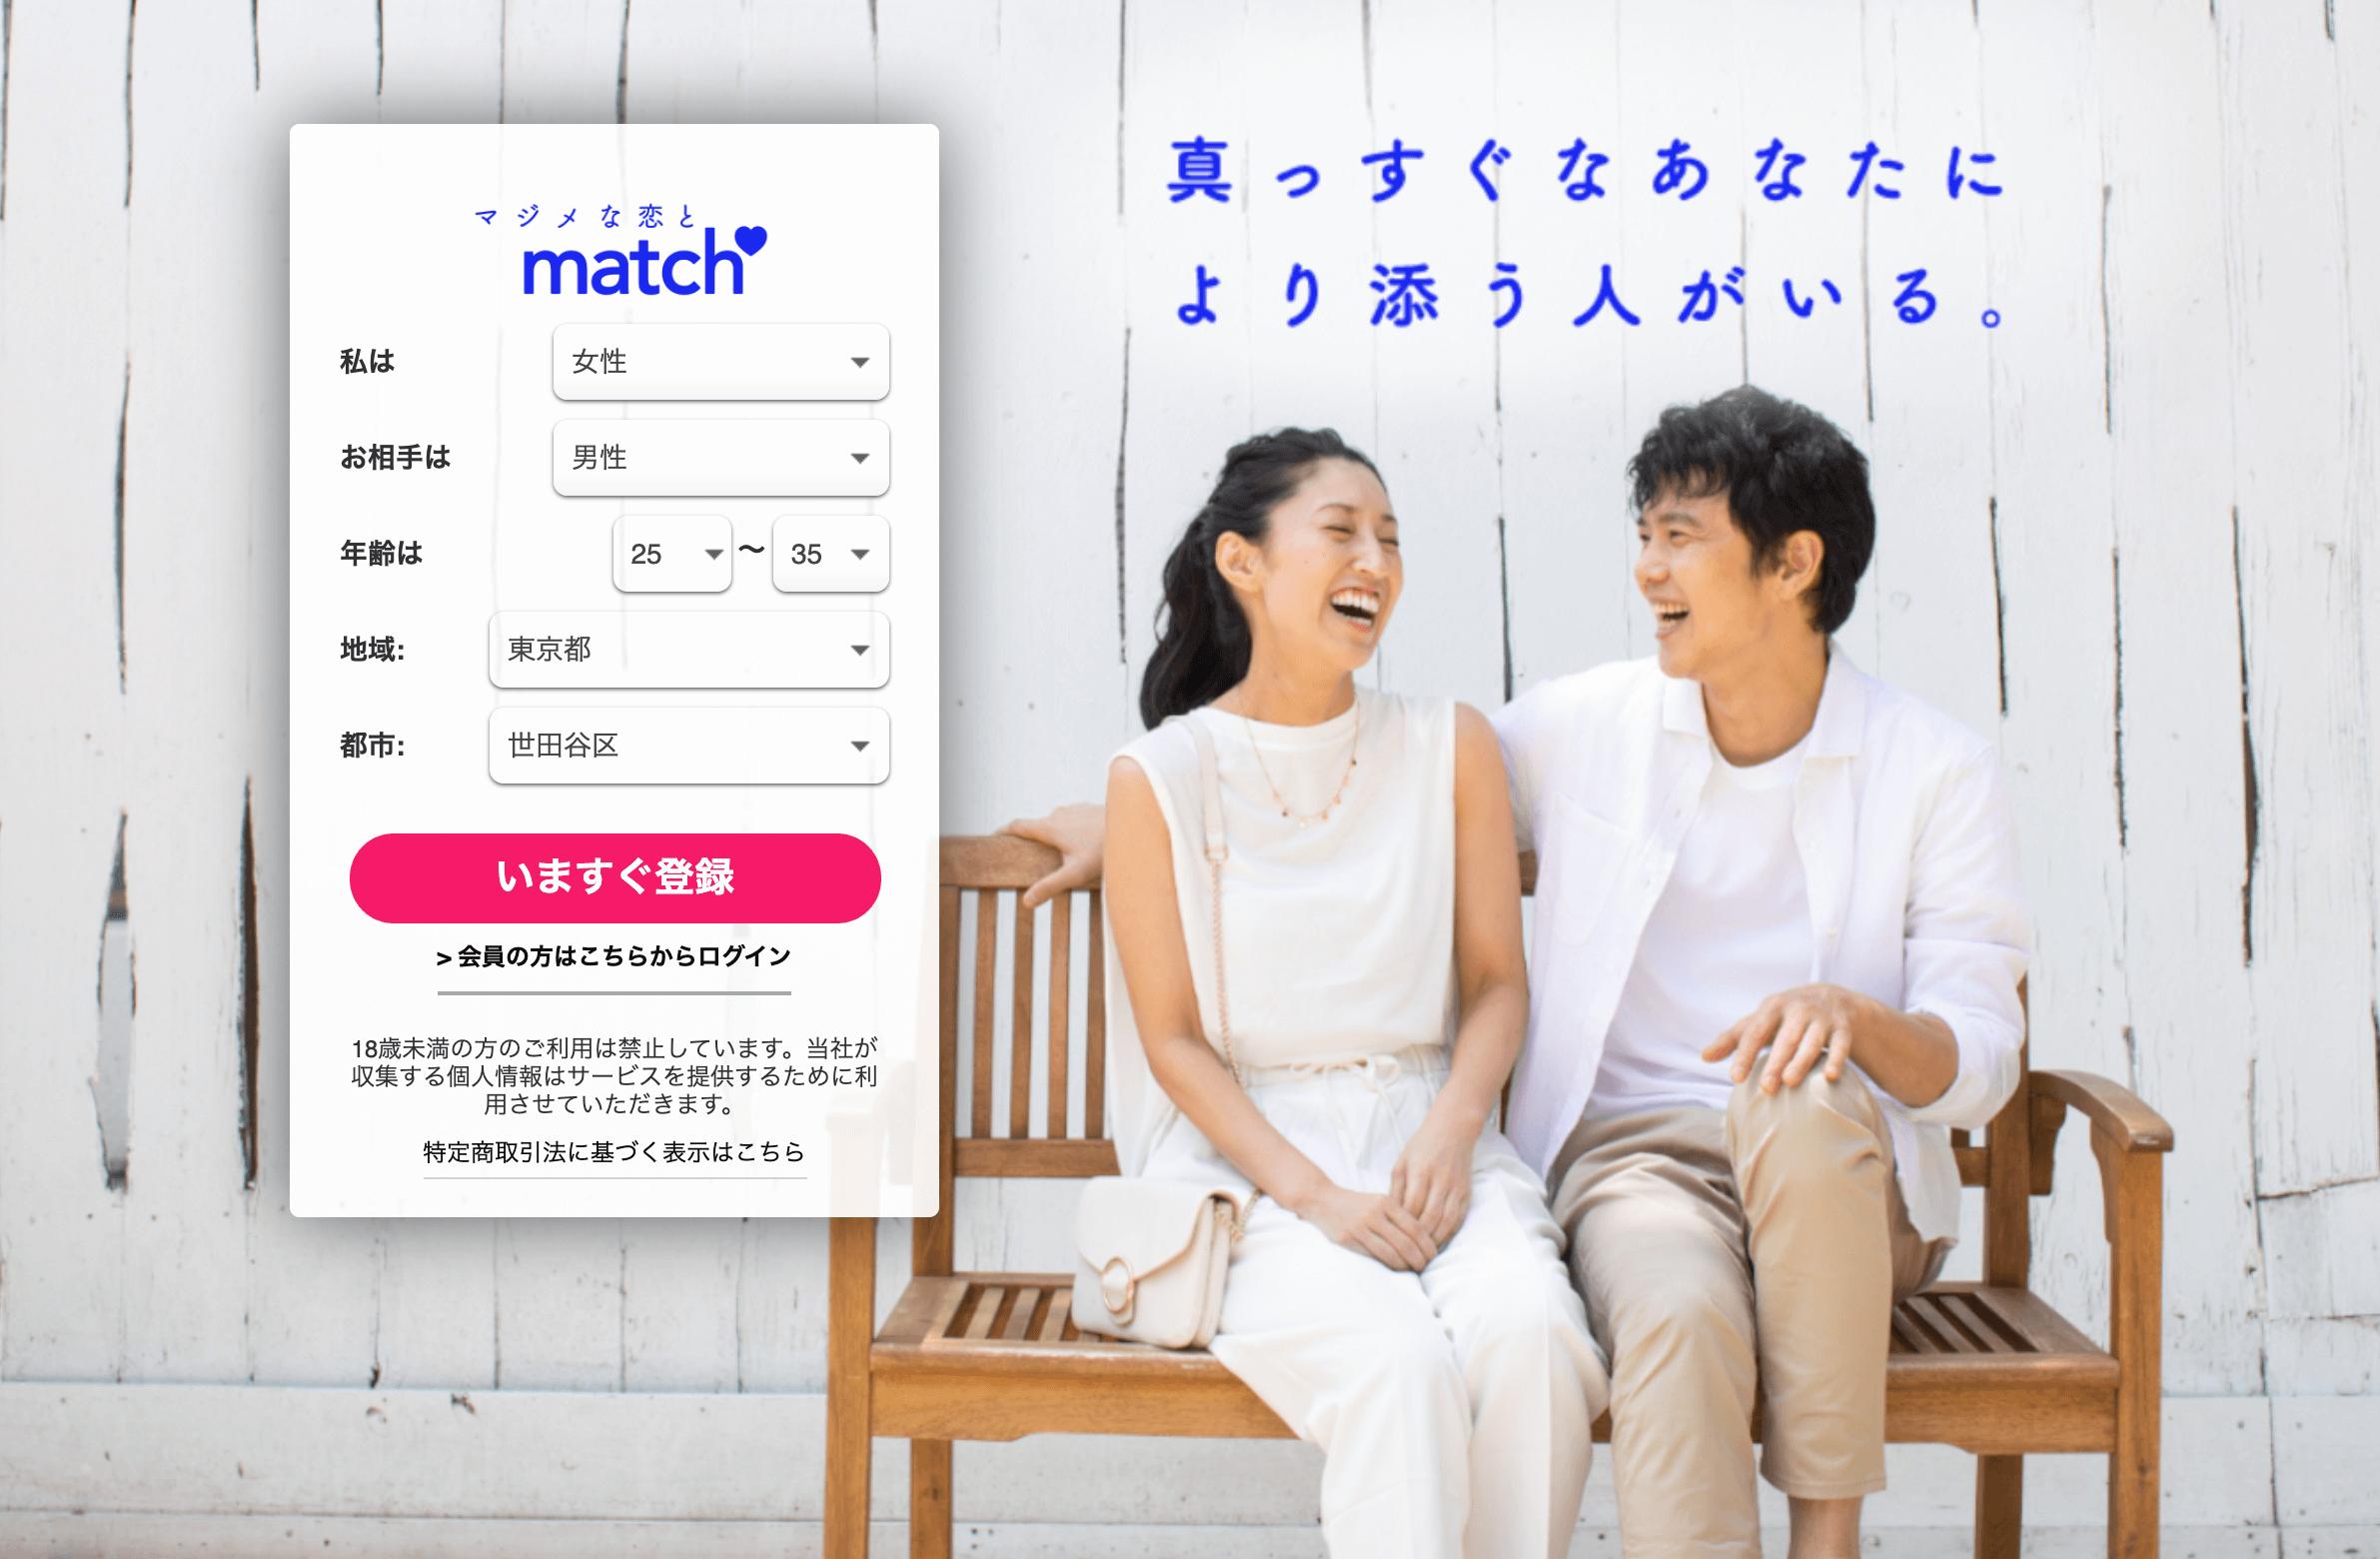 mstch(マッチドットコム )